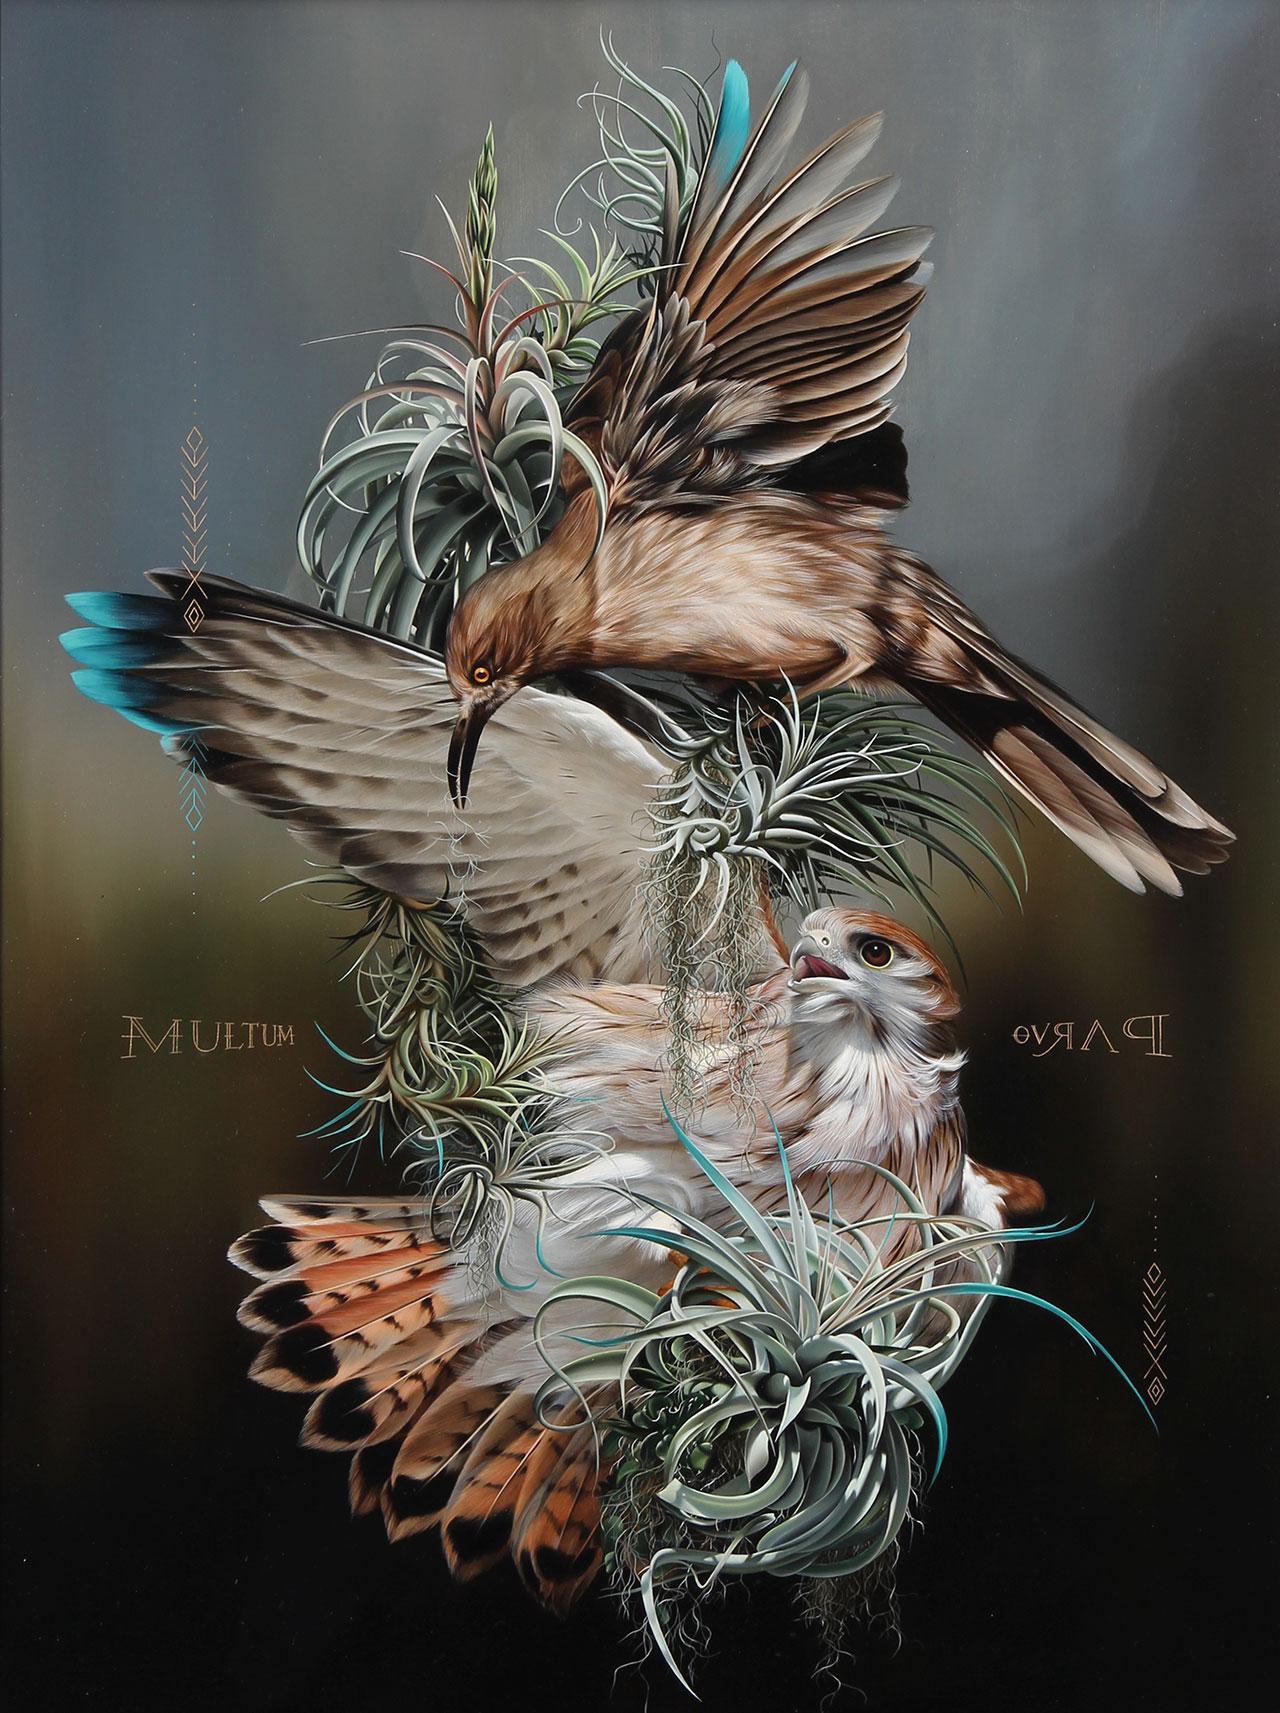 Josie Morway,Symbiotes,oil and enamel on wood panel. ©Josie Morway.